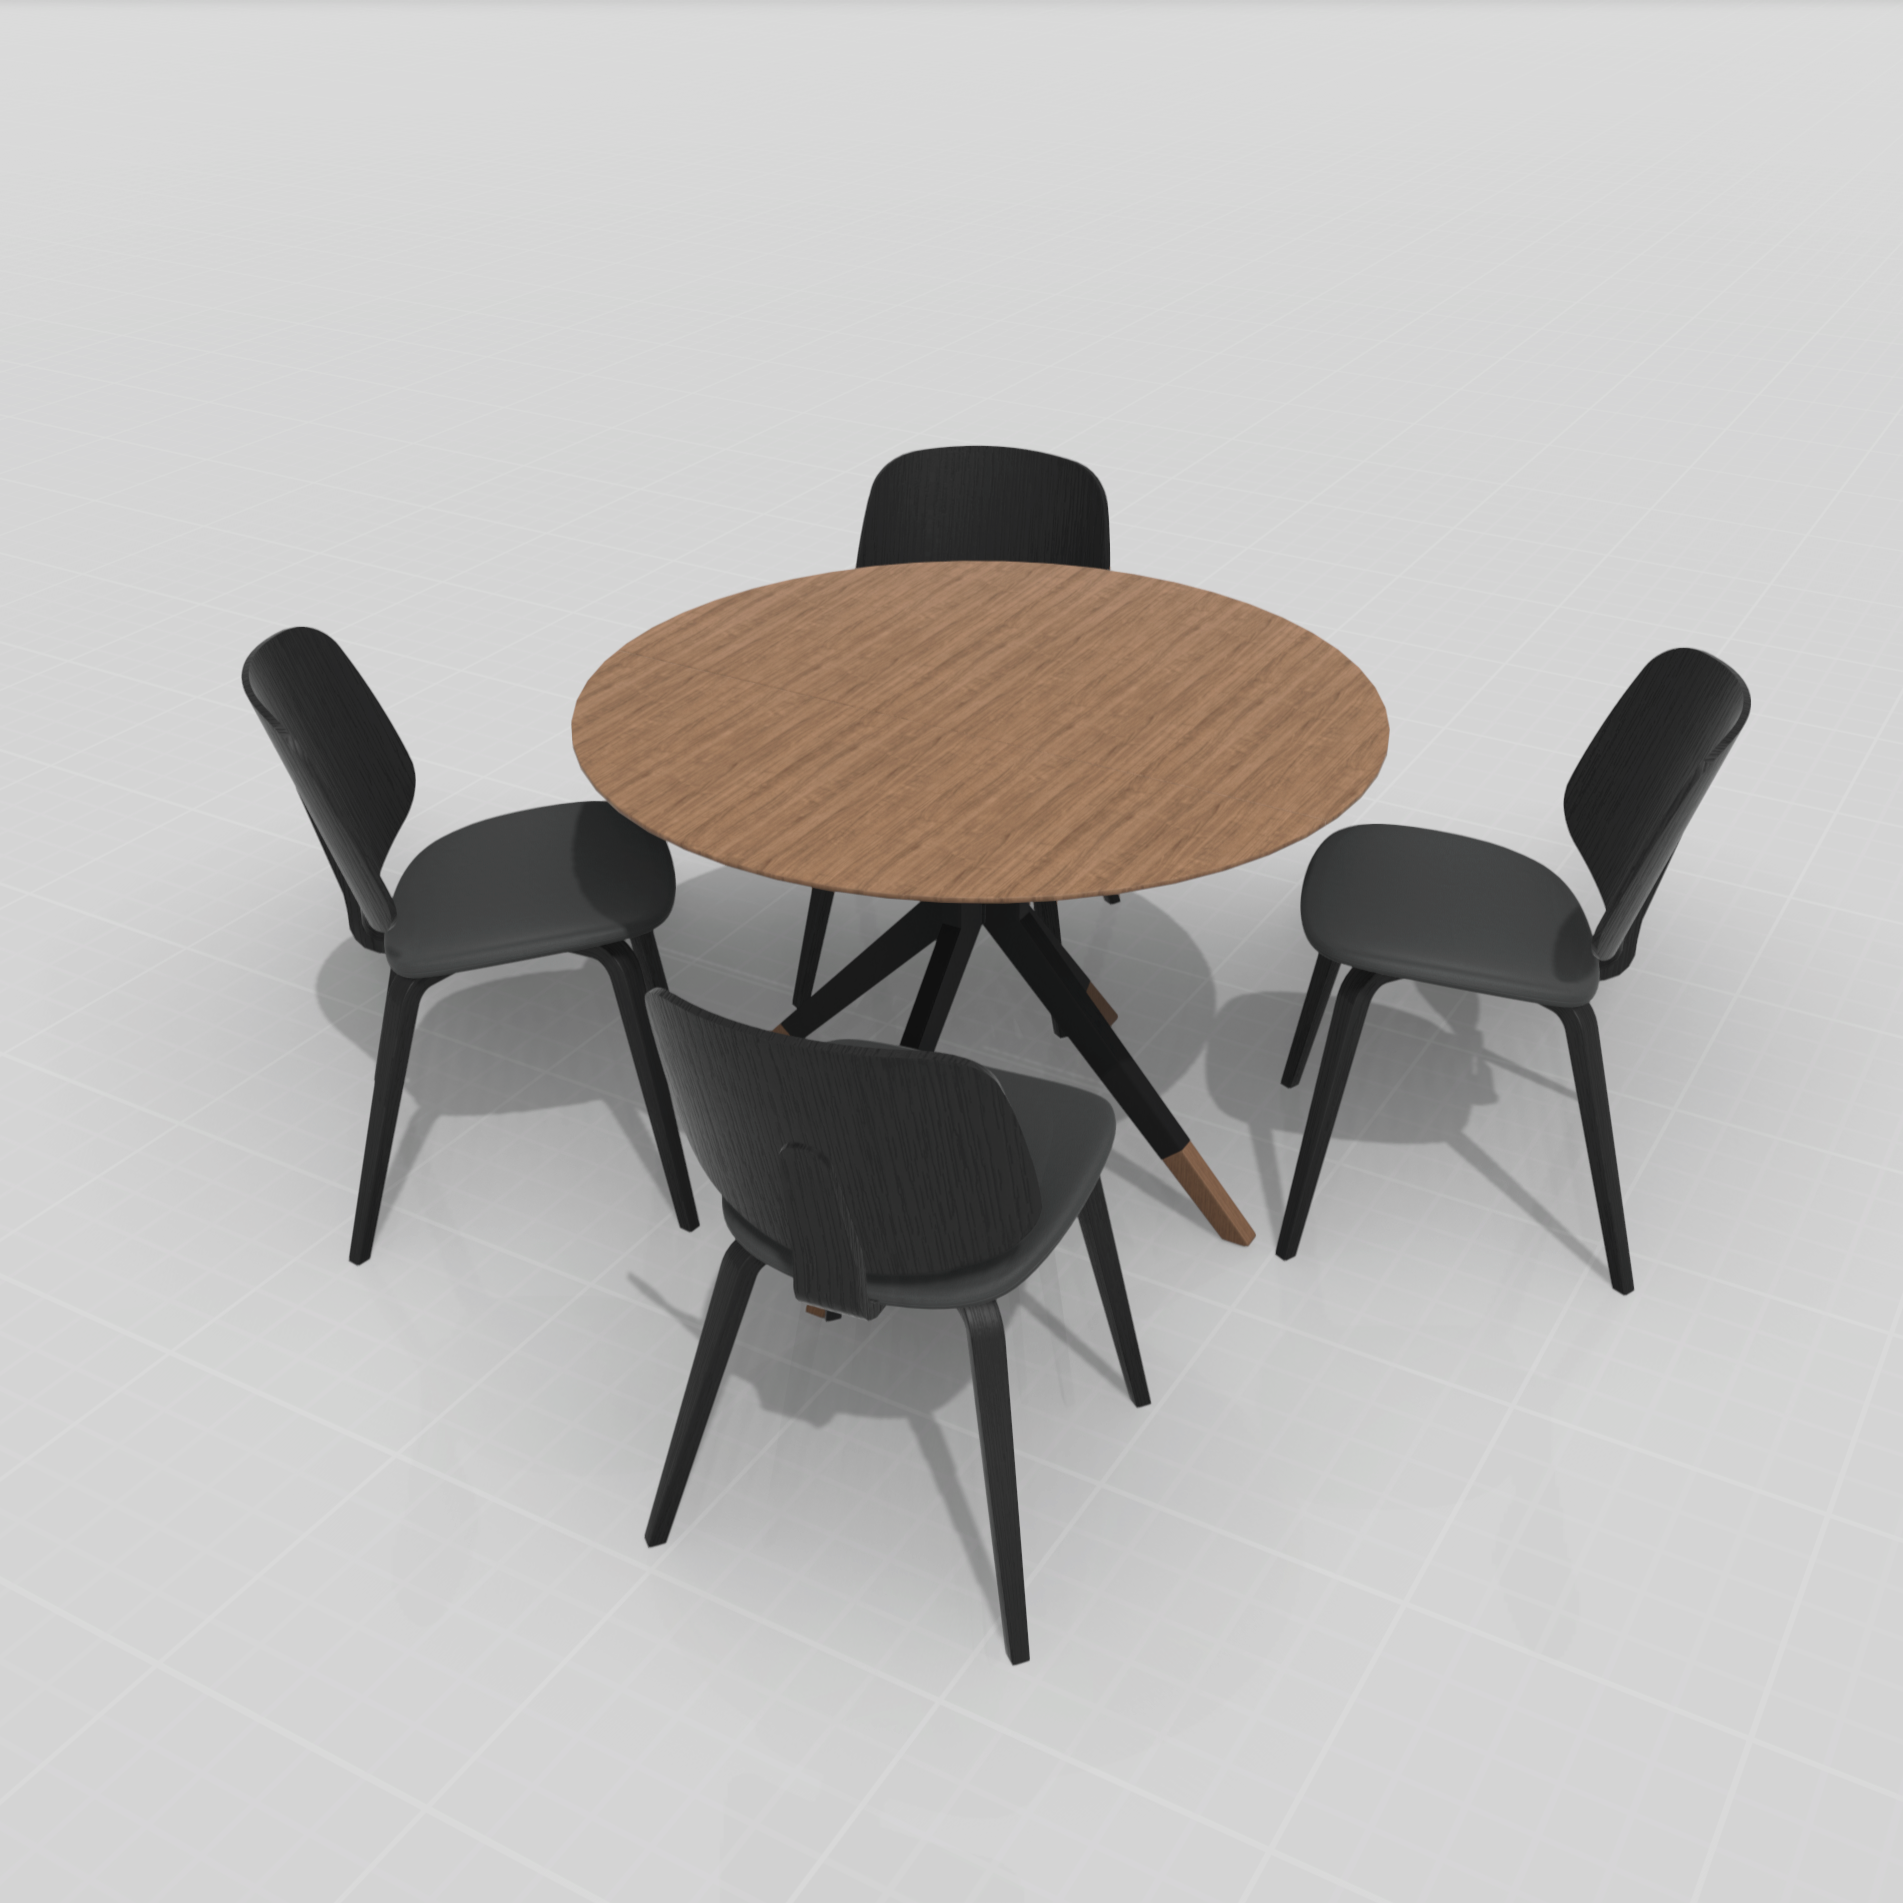 4x Aarhus Stühle + Billund Tisch im Set - Neu und verpackt - Sofort verfügbar